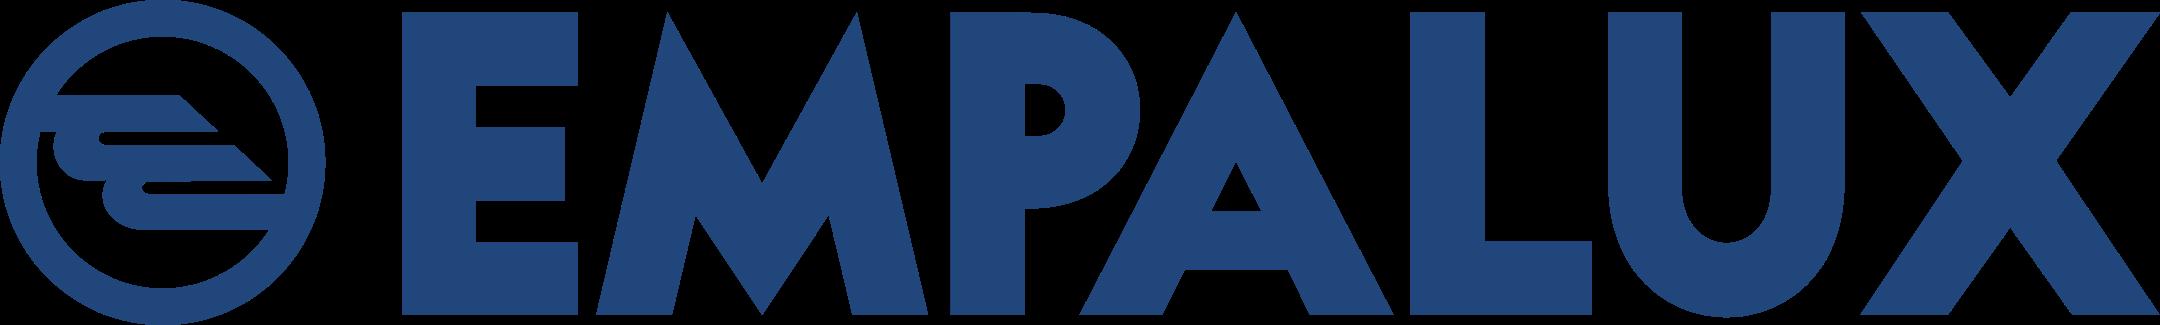 empalux logo 1 - Empalux Logo